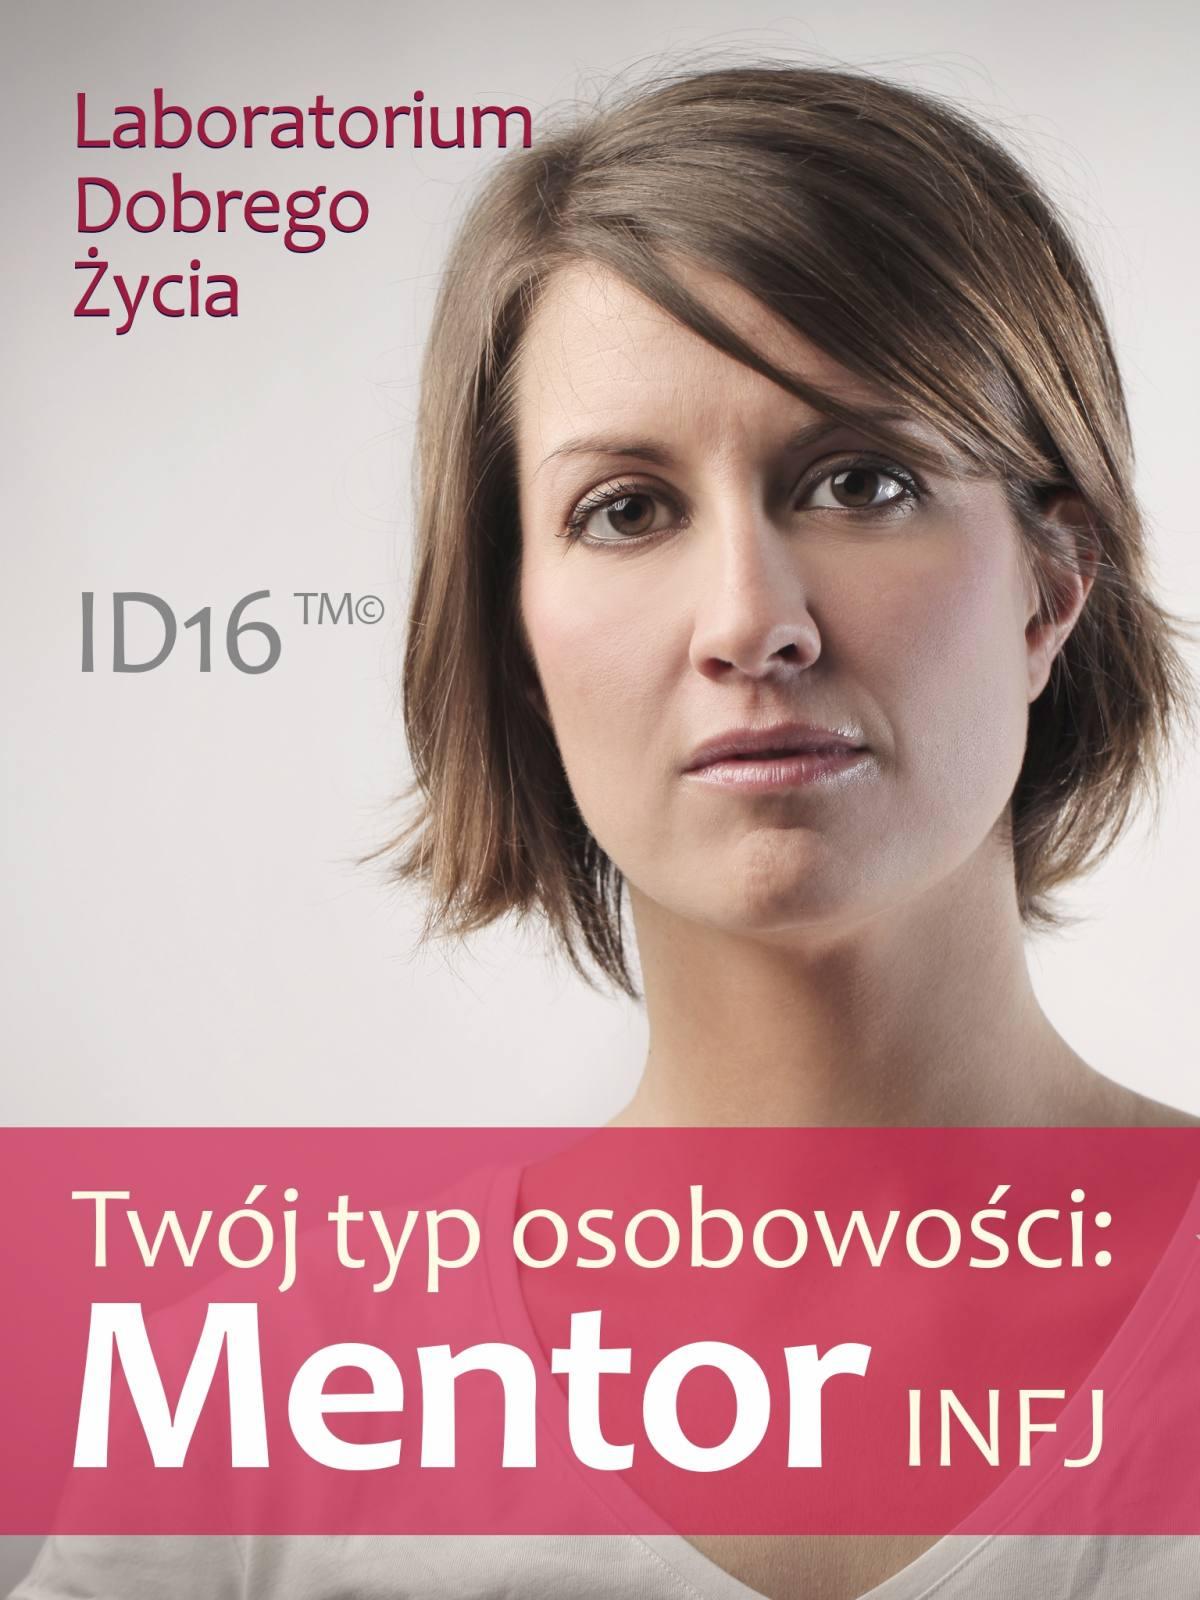 Twój typ osobowości: Mentor (INFJ) - Ebook (Książka PDF) do pobrania w formacie PDF